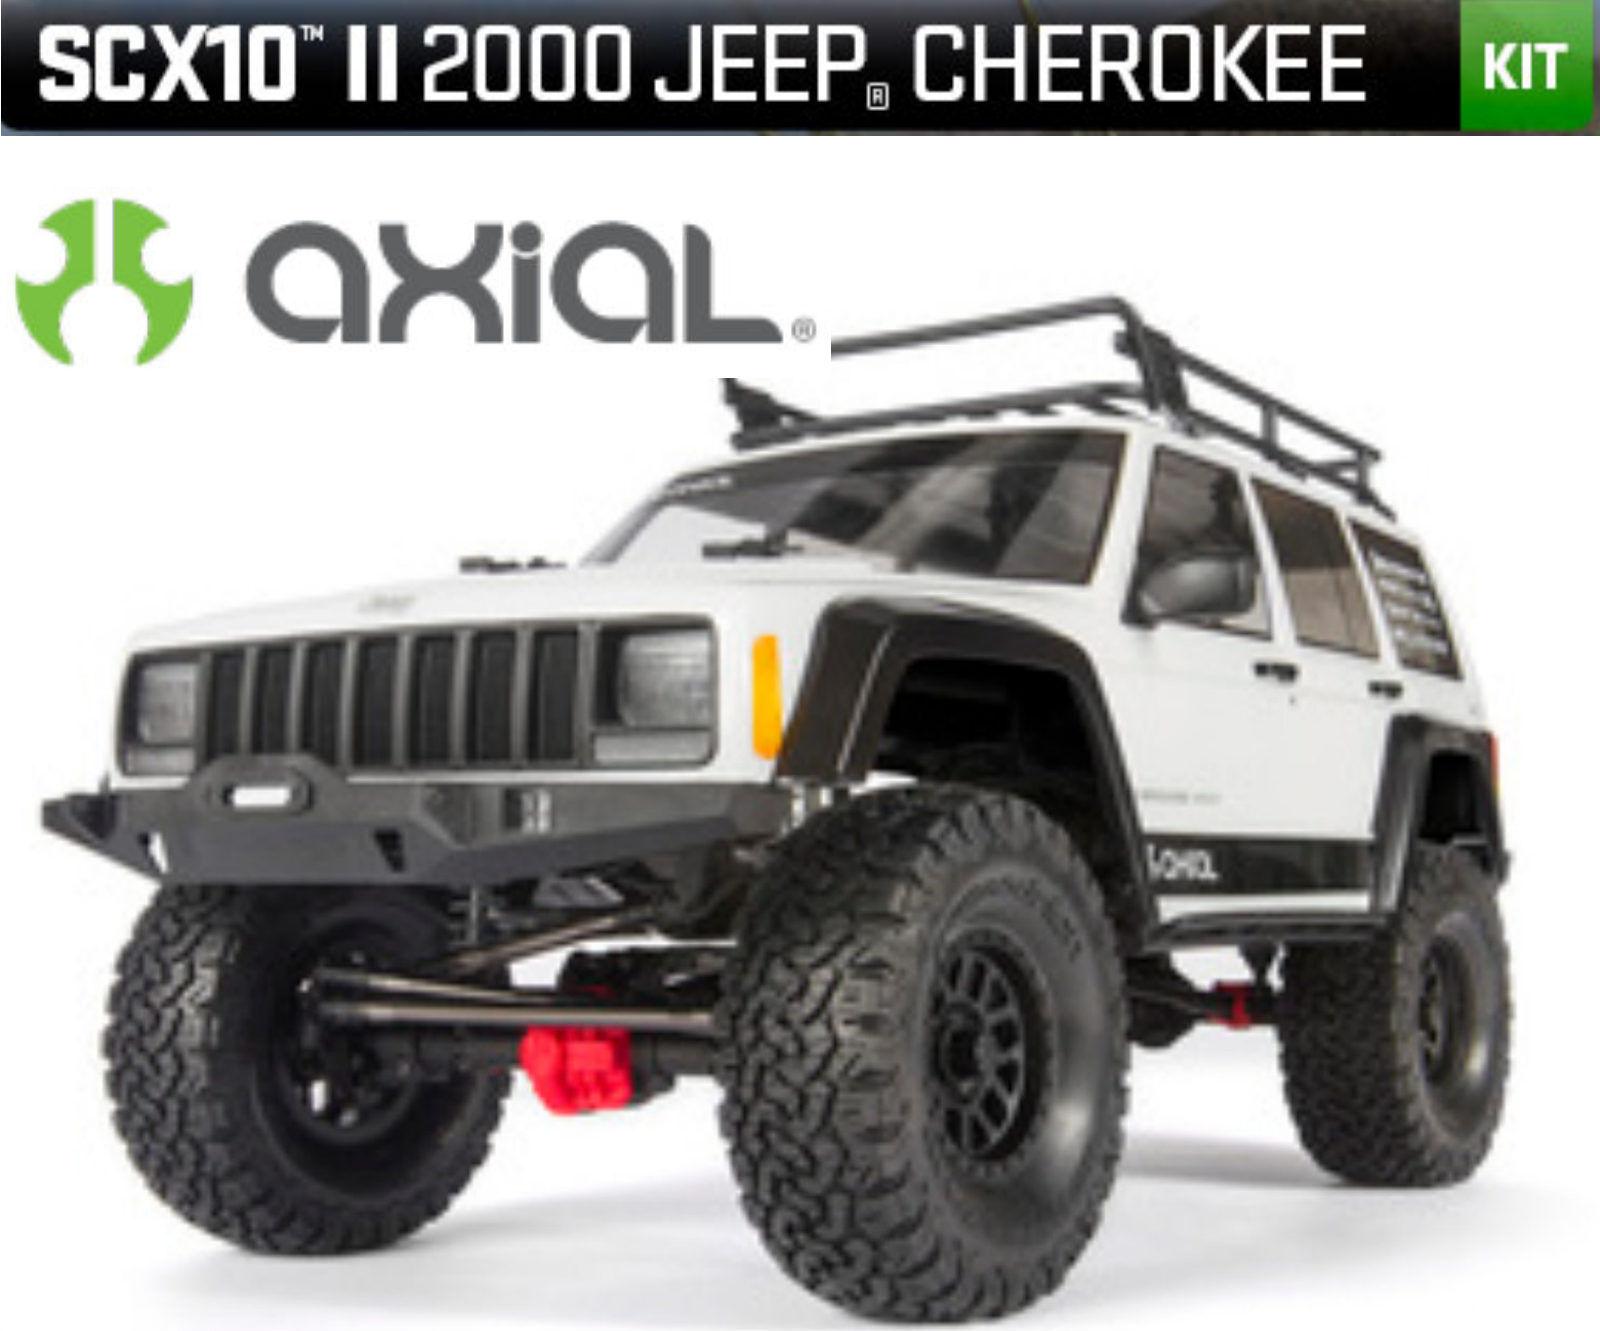 Axial Ax90046 Scx10 II 2000 Jeep Cherokee 4wd Kit Kit di Costruzione 1-10